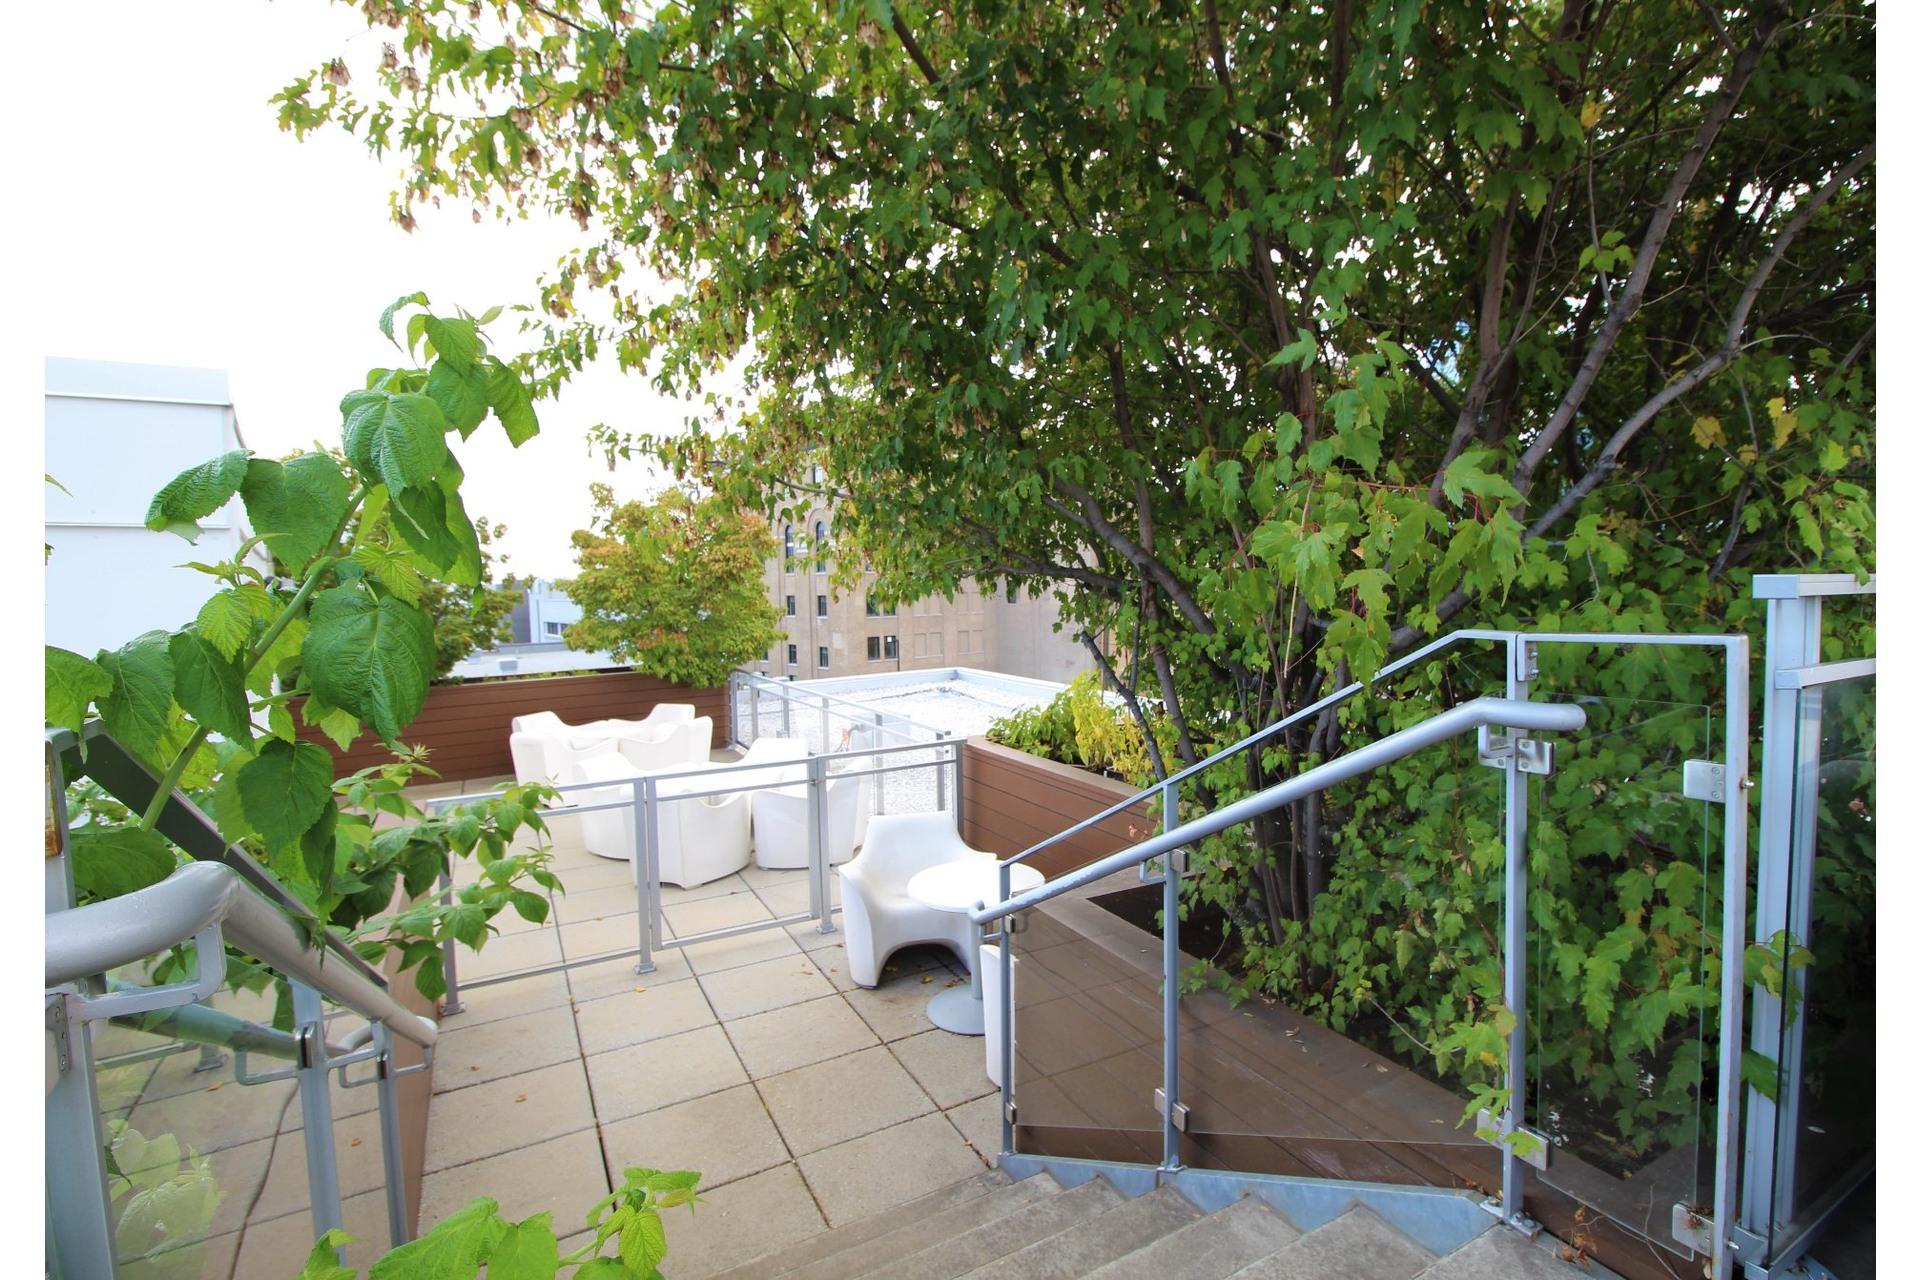 image 9 - Apartment For rent Montréal Le Sud-Ouest  - 3 rooms